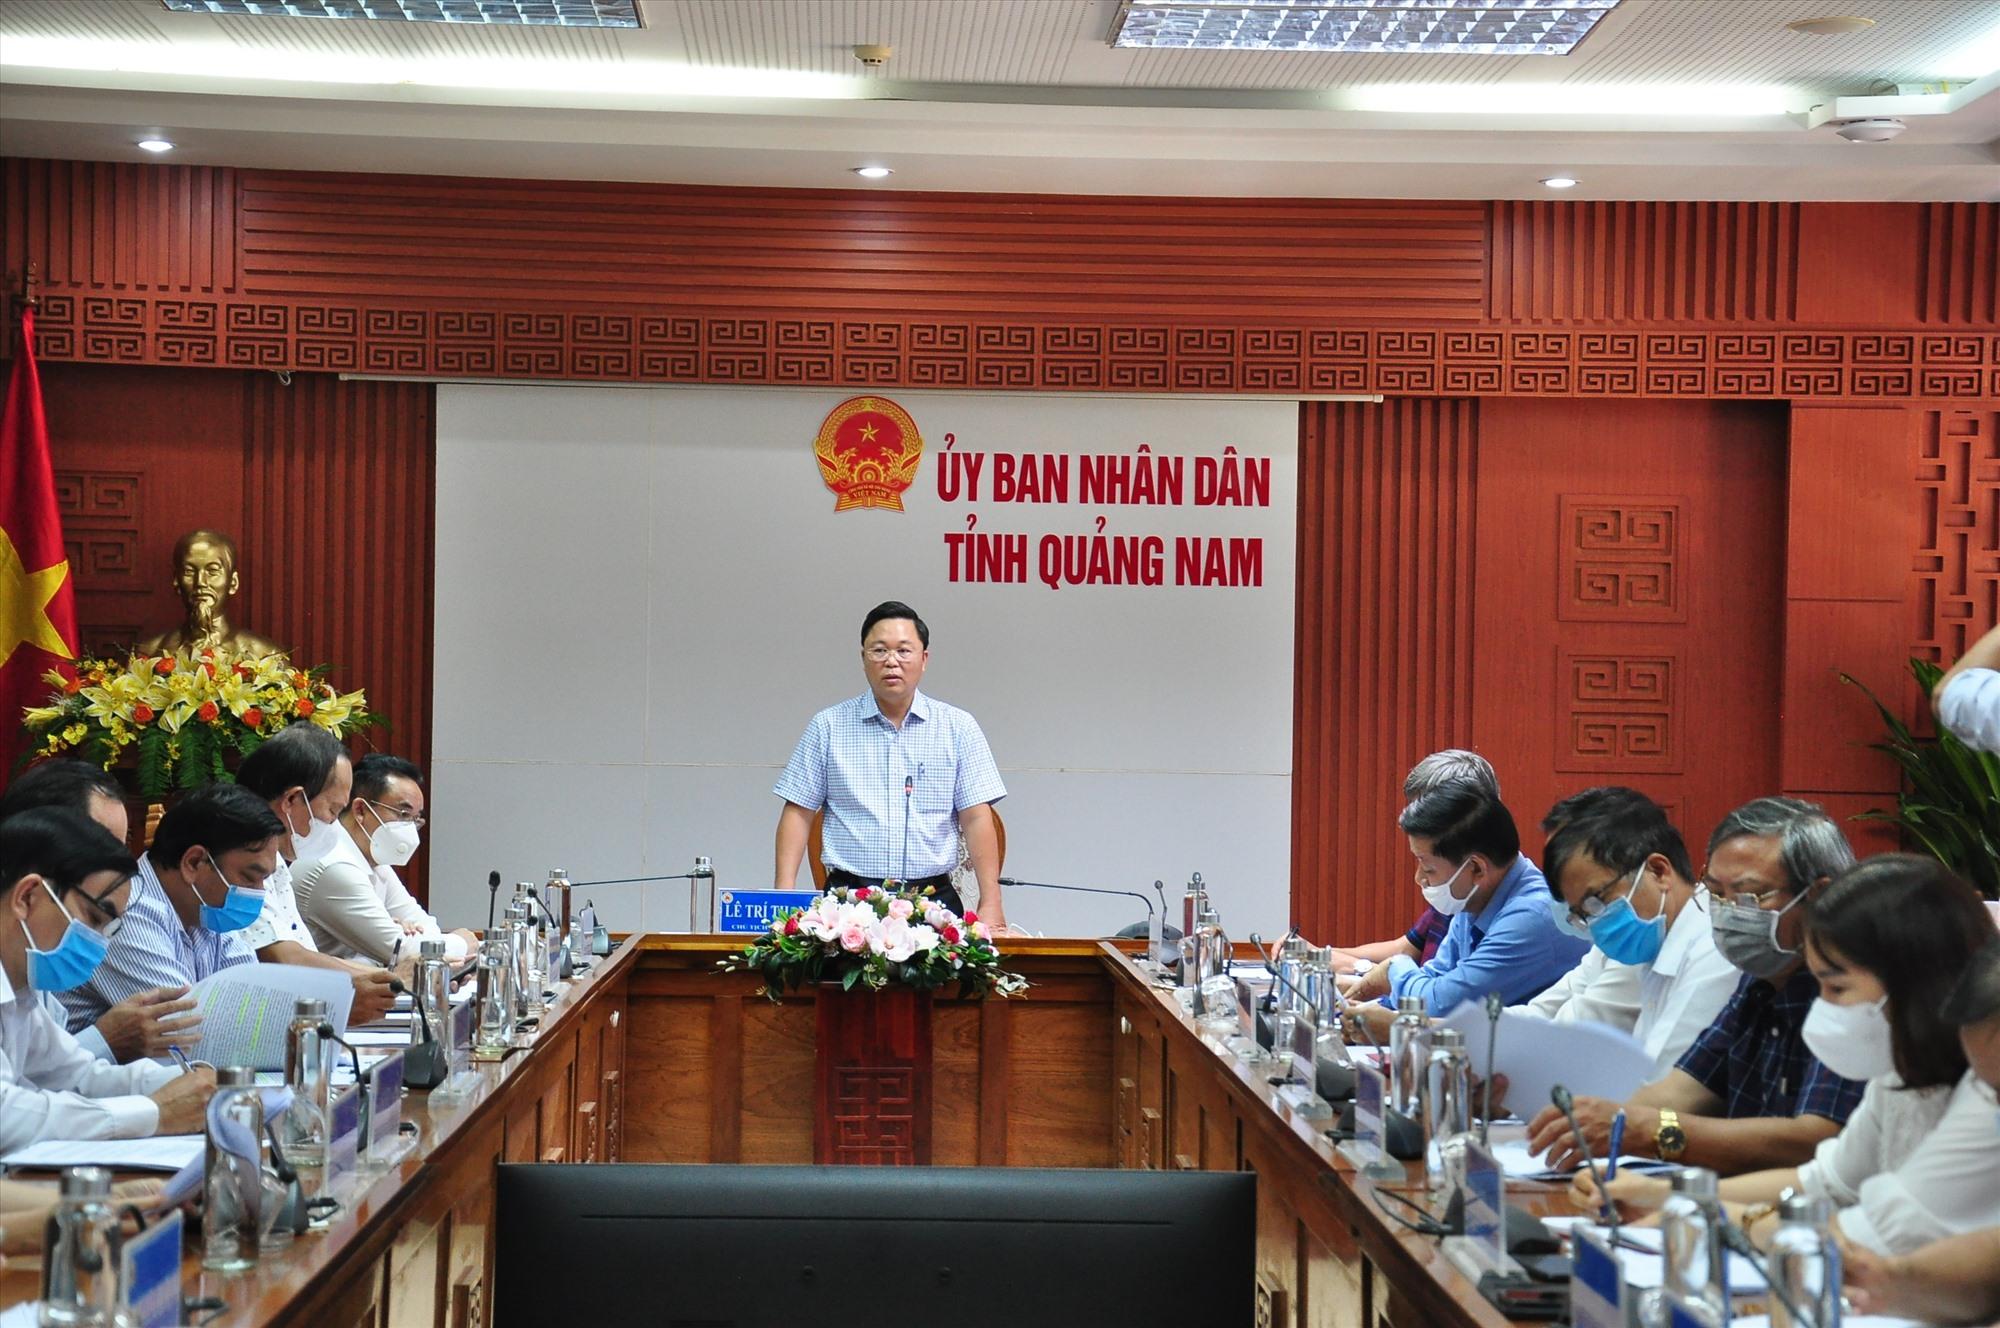 Chủ tịch UBND tỉnh Lê Trí Thanh phát biểu tại cuộc họp. Ảnh: S.A